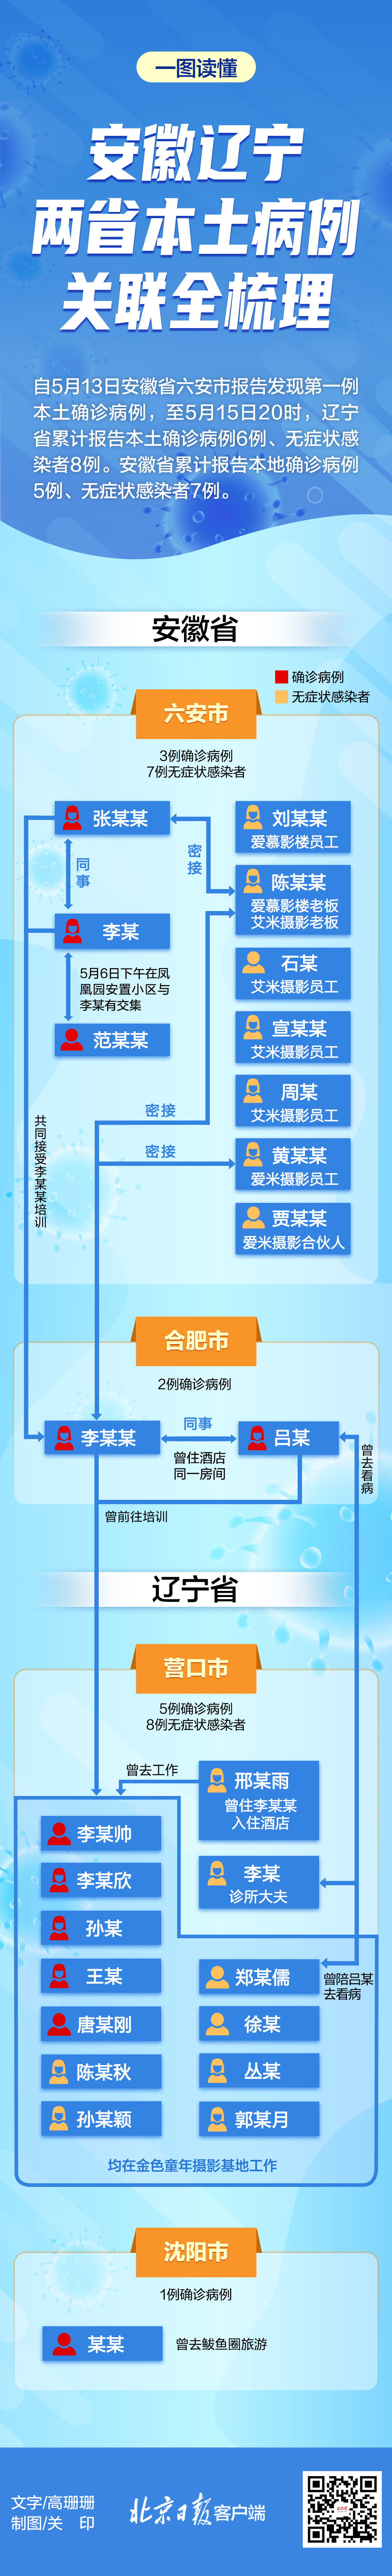 一图读懂   安徽辽宁两省本土病例关联全梳理